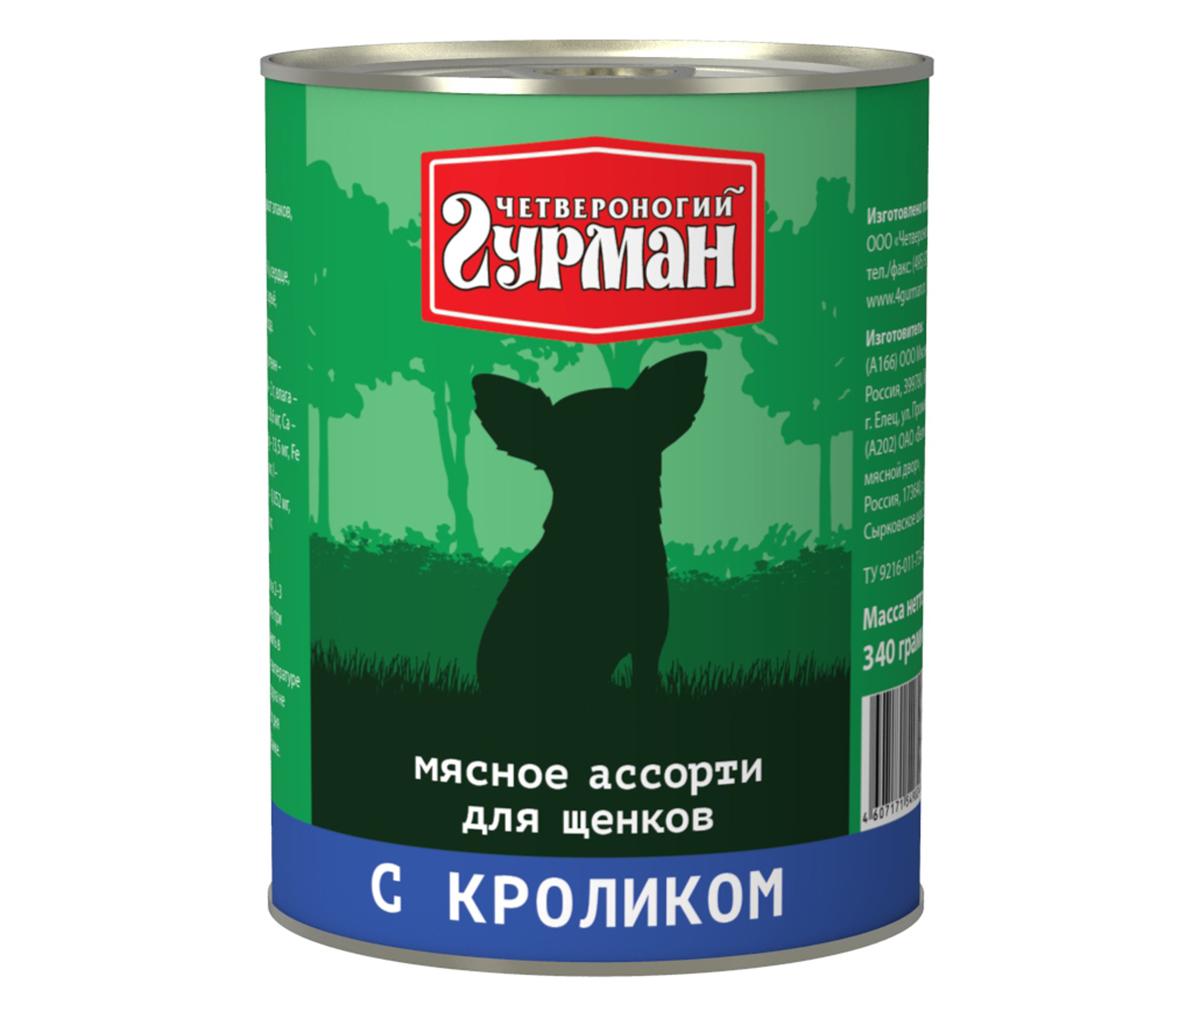 Консервы для щенков Четвероногий гурман Мясное ассорти, с кроликом, 340 г0120710Консервы для щенков Четвероногий гурман Мясное ассорти - это влажный мясной корм суперпремиум класса, состоящий из разных сортов мяса и качественных субпродуктов. Корм не содержит синтетических витаминно-минеральных комплексов, злаков, бобовых и овощей. Никаких искусственных компонентов в составе: только натуральное, экологически чистое мясо от проверенных поставщиков. По консистенции продукт представляет собой кусочки из фарша размером 3-15 мм. В состав входит коллаген. Его компоненты (хондроитин и глюкозамин) положительно воздействуют на суставы питомца. Состав: куриное мясо (30%), мясо кролика (6%), сердце, легкое, рубец, печень, коллагенсодержащее сырье, животный белок, масло растительное, вода. Пищевая ценность (в 100 г продукта): протеин 11,5 г, жир 7,2 г, клетчатка 0,5 г, сырая зола 2 г, влага 80 г. Минеральные вещества: P 128,6 мг, Са 9,4 мг, Na 160 мг, Cl 203,4 мг, Mg 13,5 мг, Fe 3,2 мг, Mn 31,8 мкг, I 3,02 мкг. Витамины: А, E, В1, В2, B3, B5, B6. Энергетическая ценность (на 100 г): 112 ккал.Товар сертифицирован.